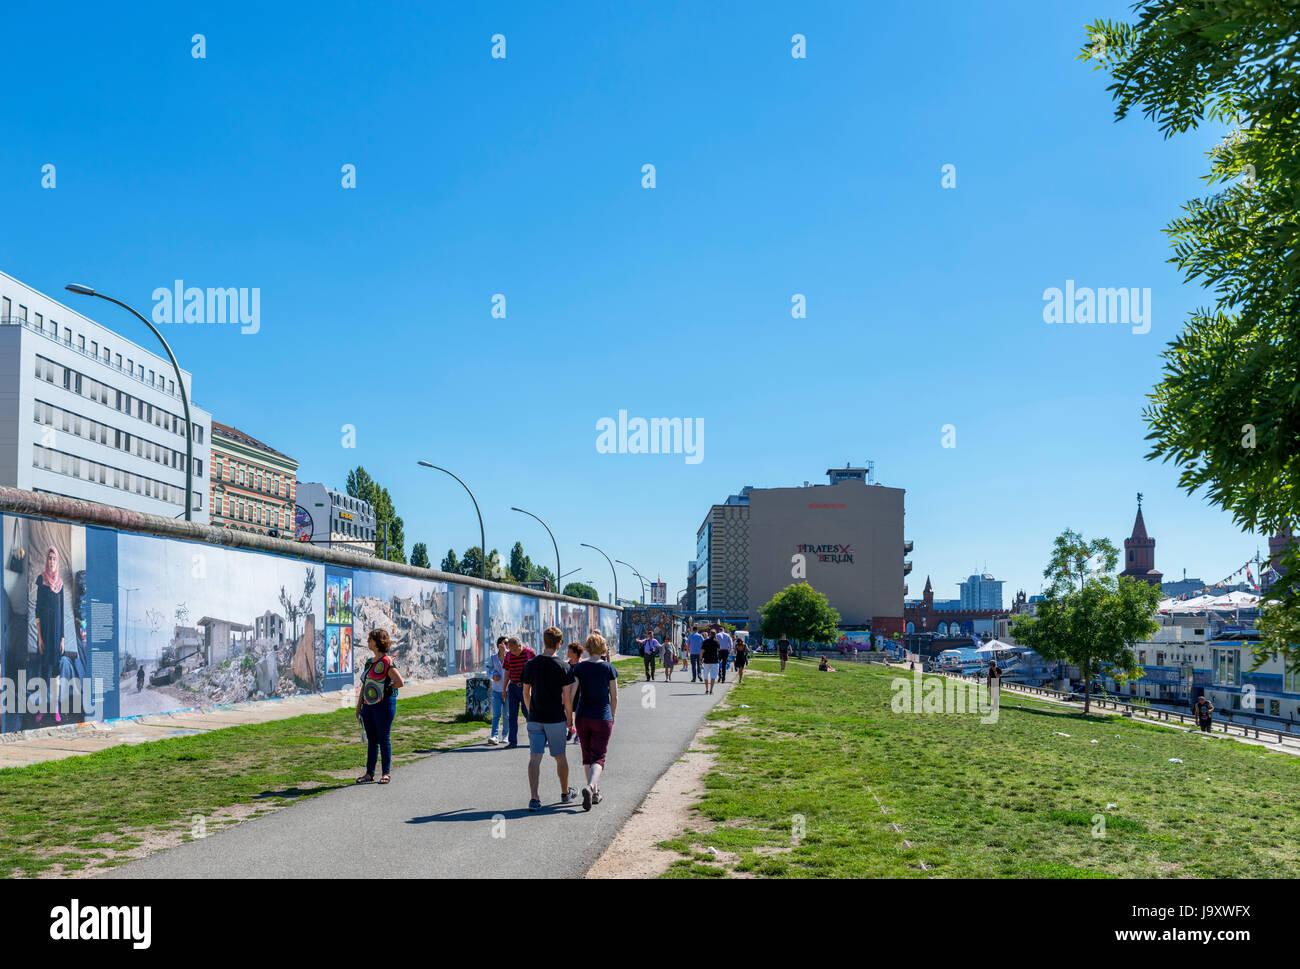 La sección del Muro de Berlín en el East Side Gallery, Friedrichshain-Kreuzberg, Berlín, Alemania Imagen De Stock